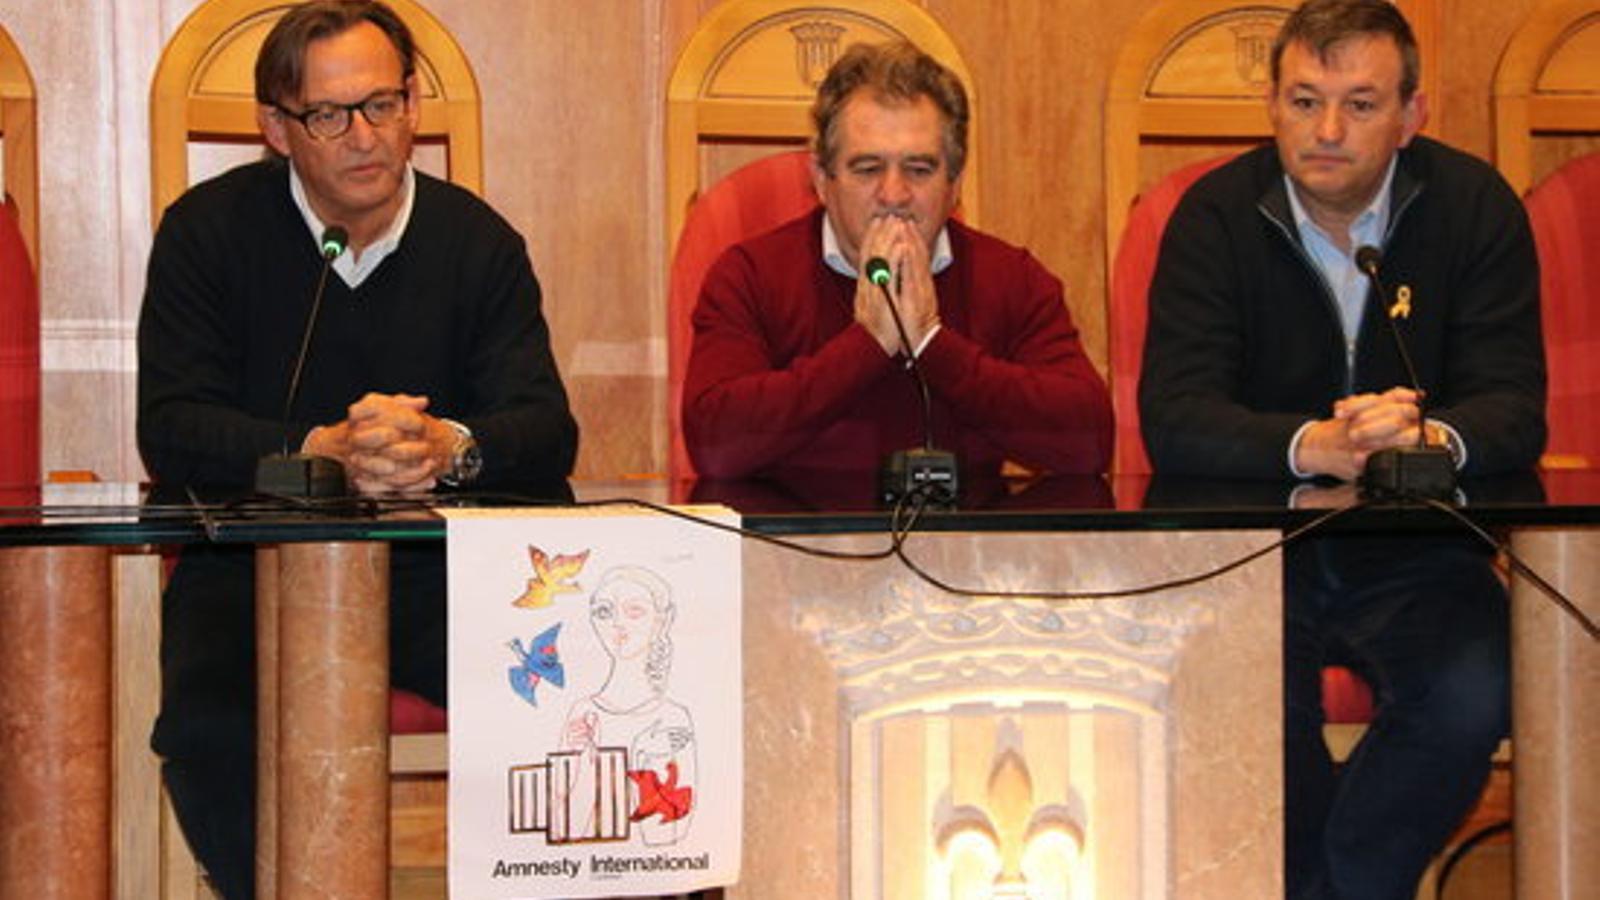 L'alcalde de Montblanc, Pep Andreu, acompanyat del president de l'AMI, Josep Maria Cervera, i l'expresident de l'entitat Josep Maria Vila d'Abadal / ACN